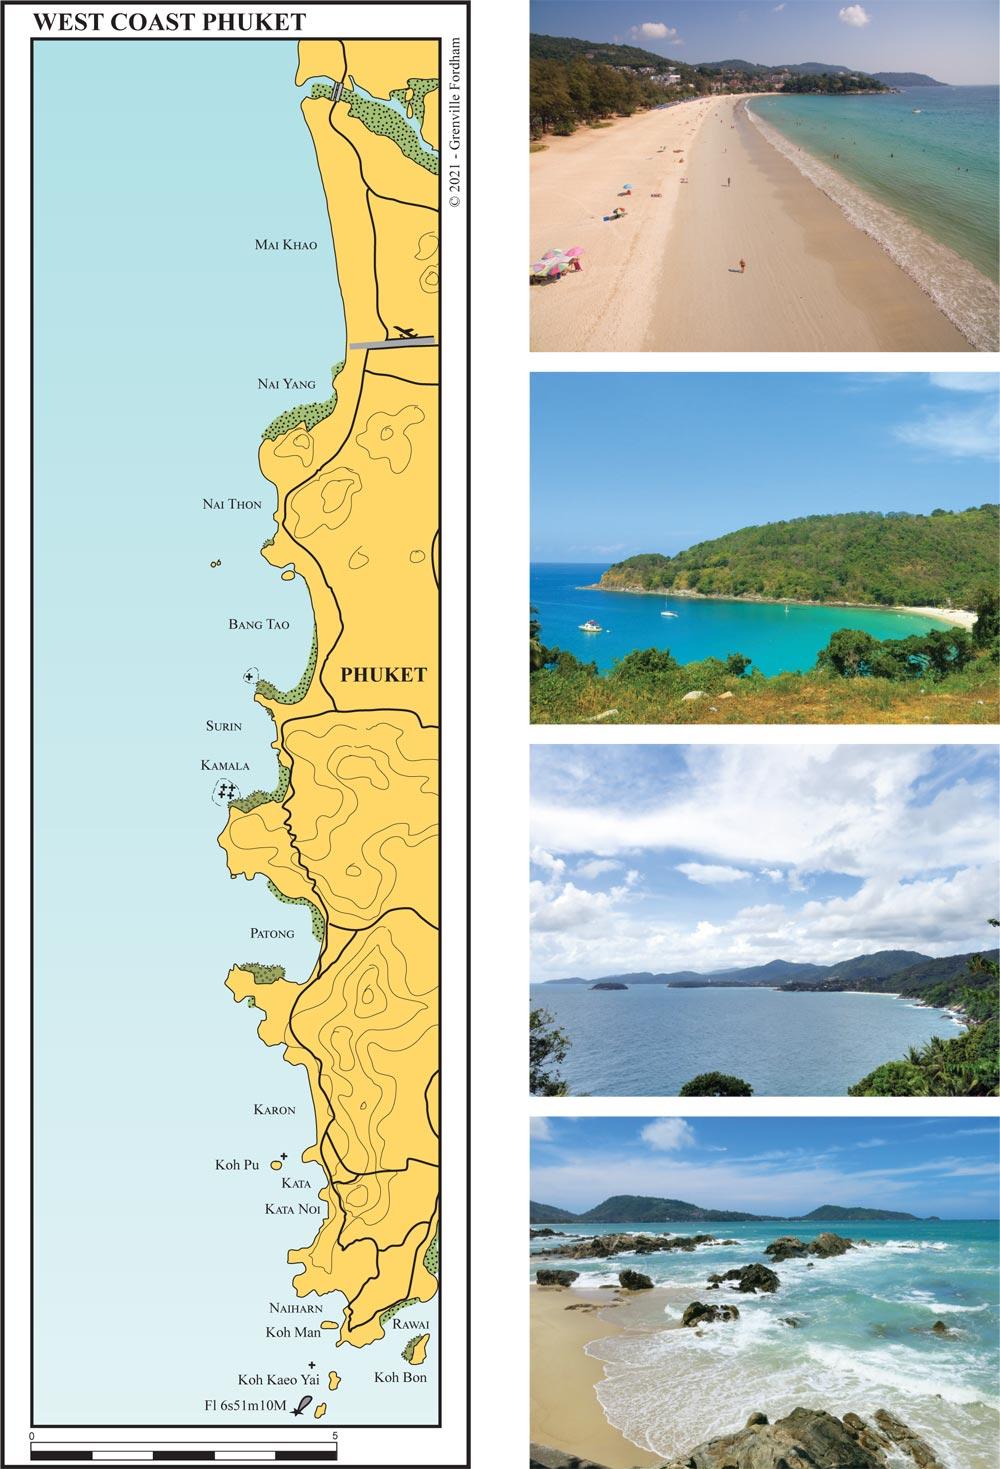 Phuket's west coast beaches